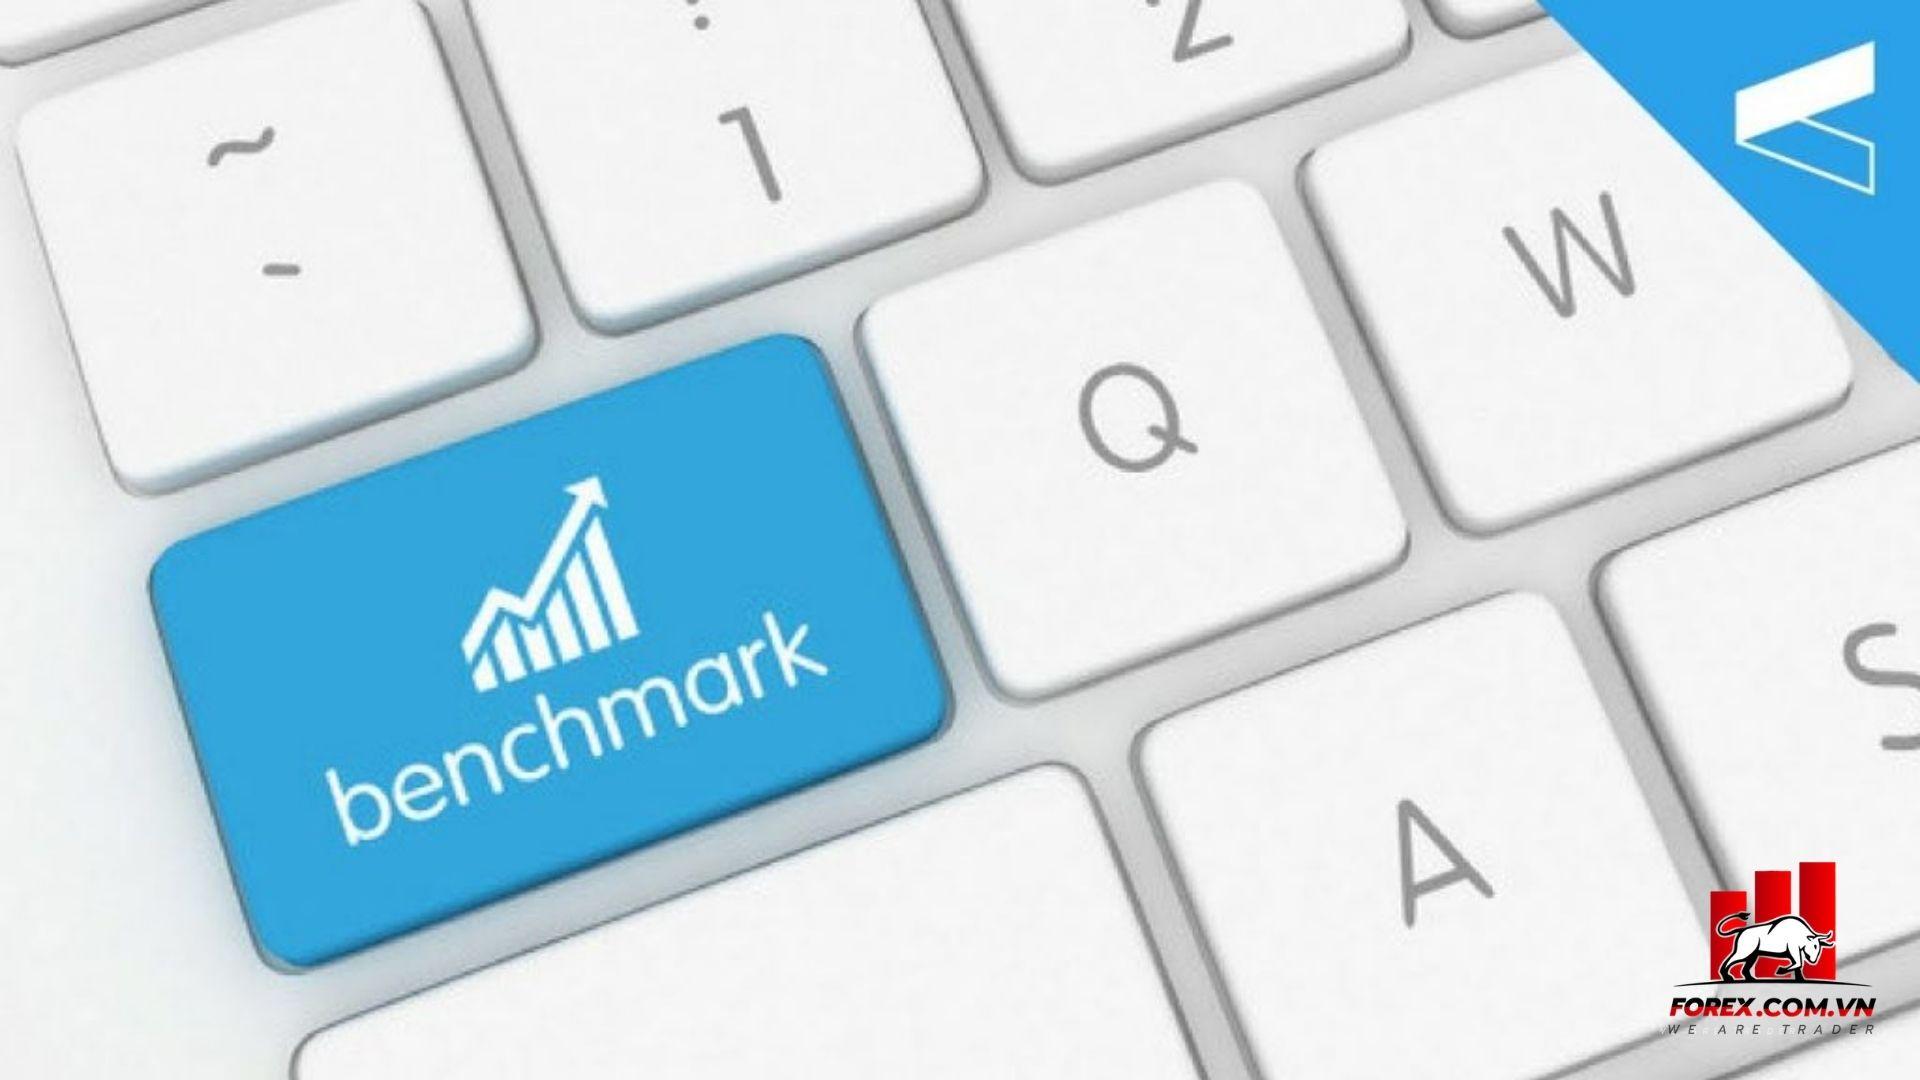 Benchmark là gì